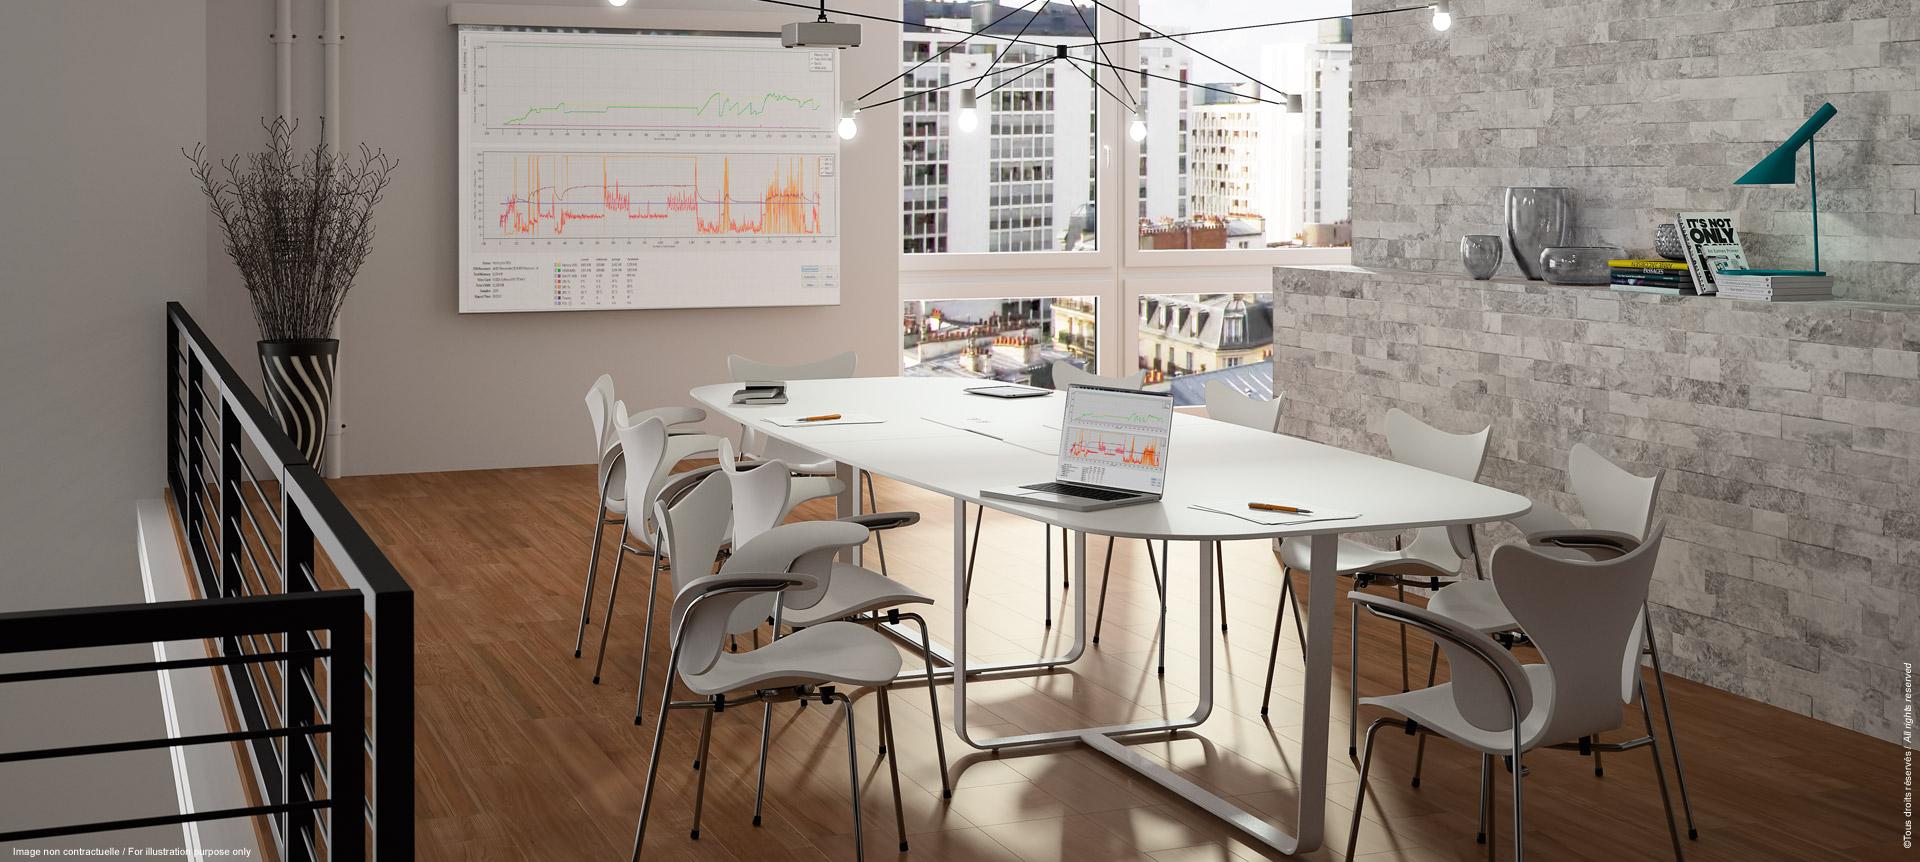 WEMEET MEETING -Table de réunion design avec connectiques intégrées